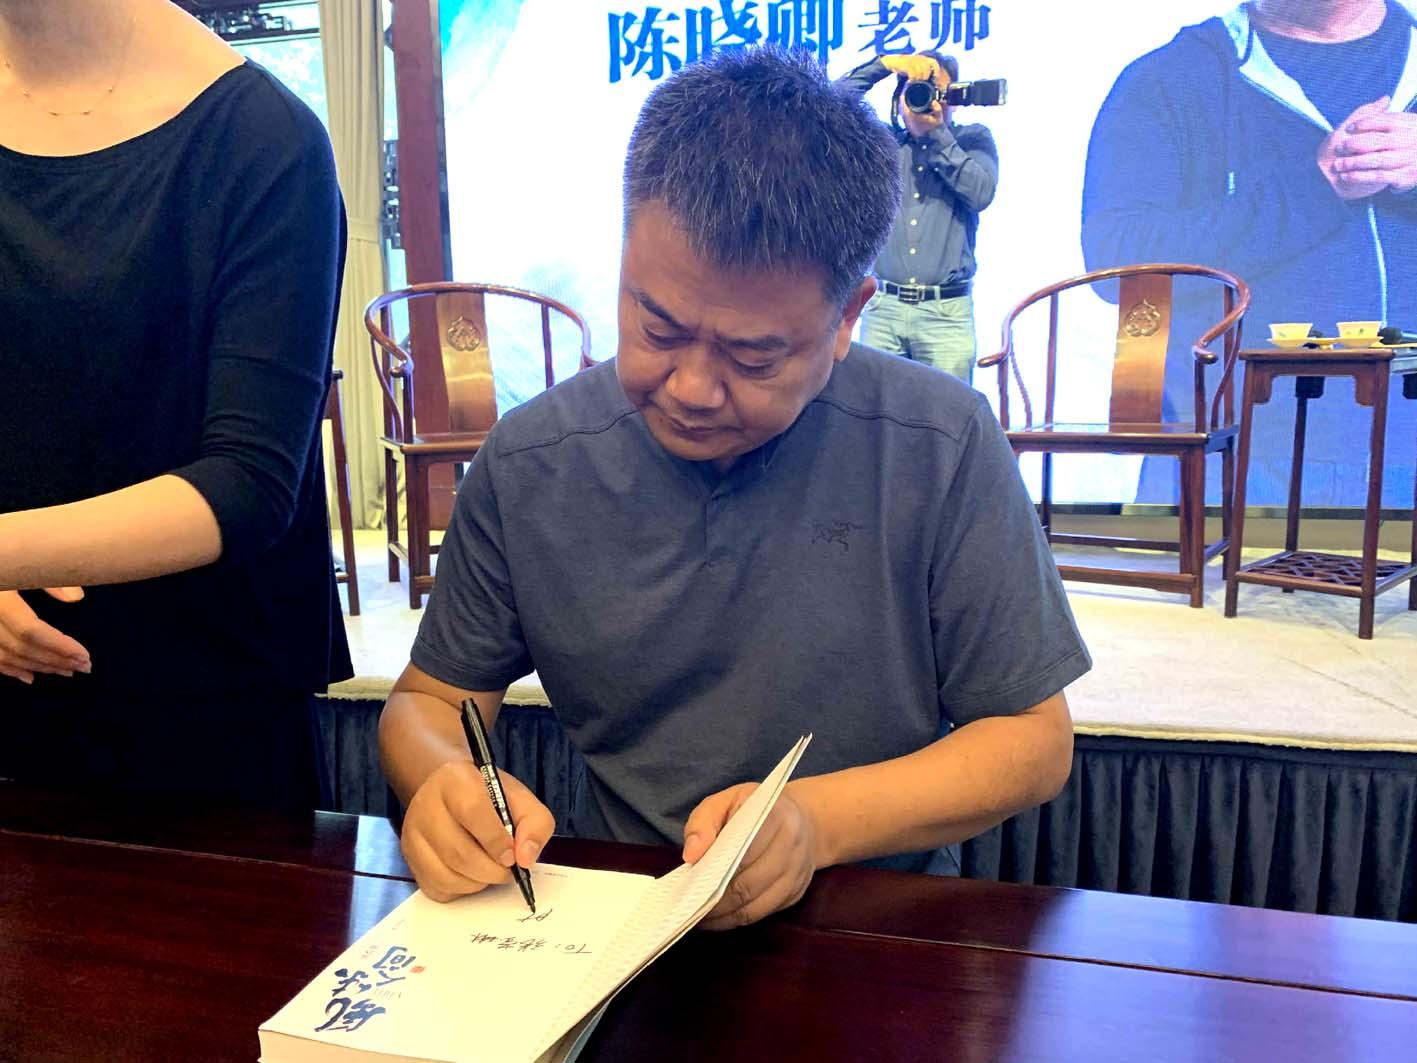 《风味人间》总导演陈晓卿粉丝见面会在扬举行